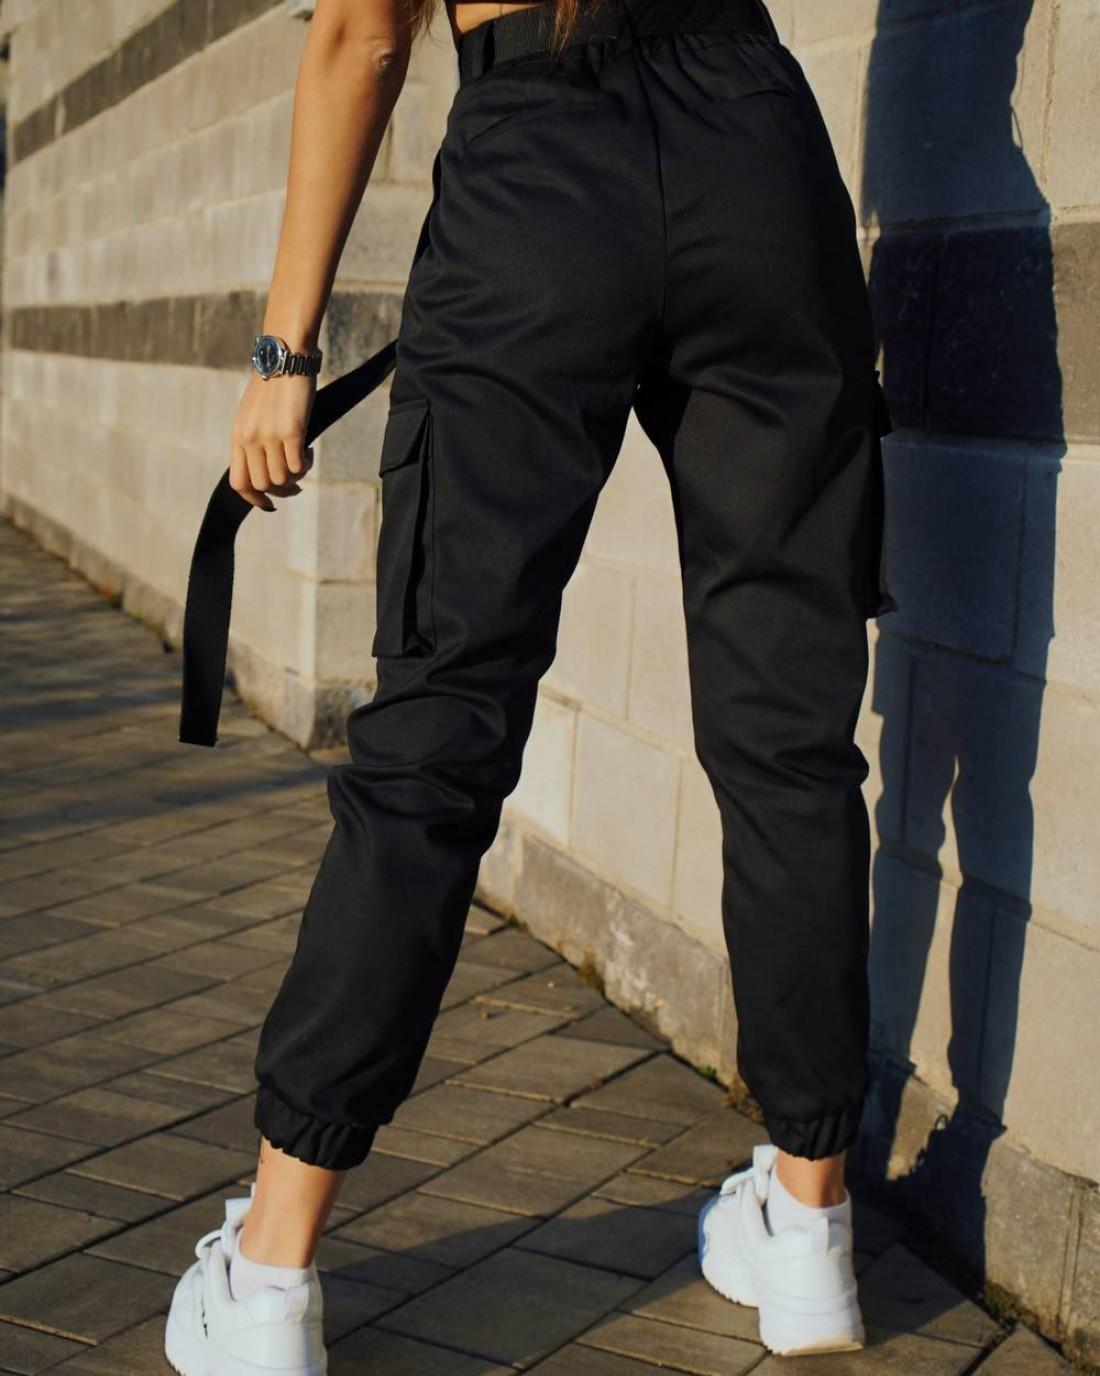 картинки джокеры штаны женские свекр, зная специфику